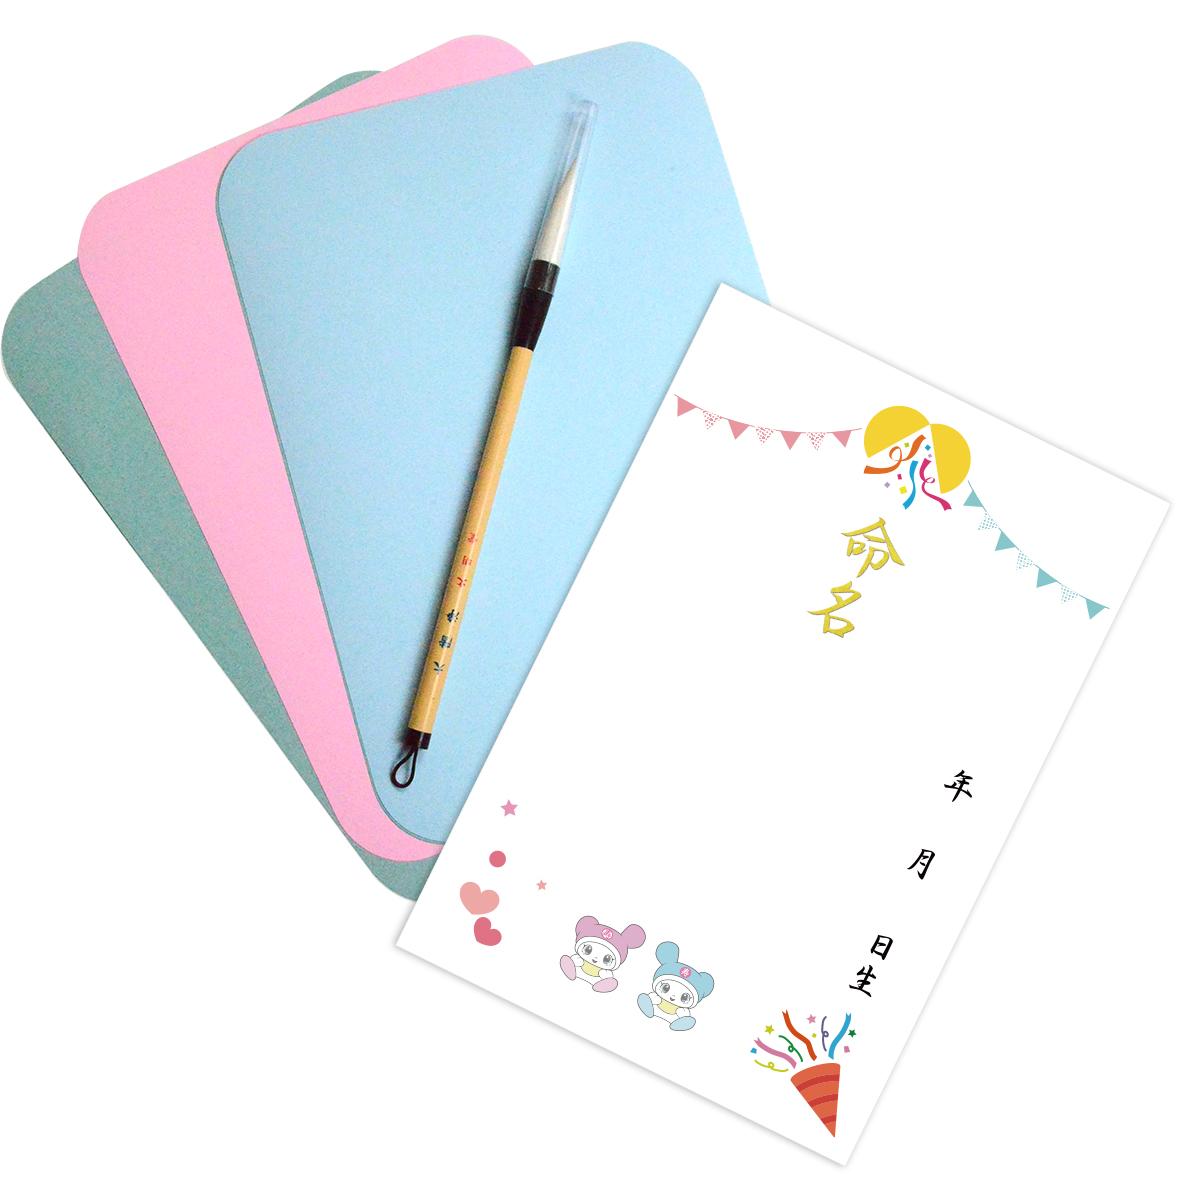 命名紙と命名筆書き練習紙3枚と和筆セット